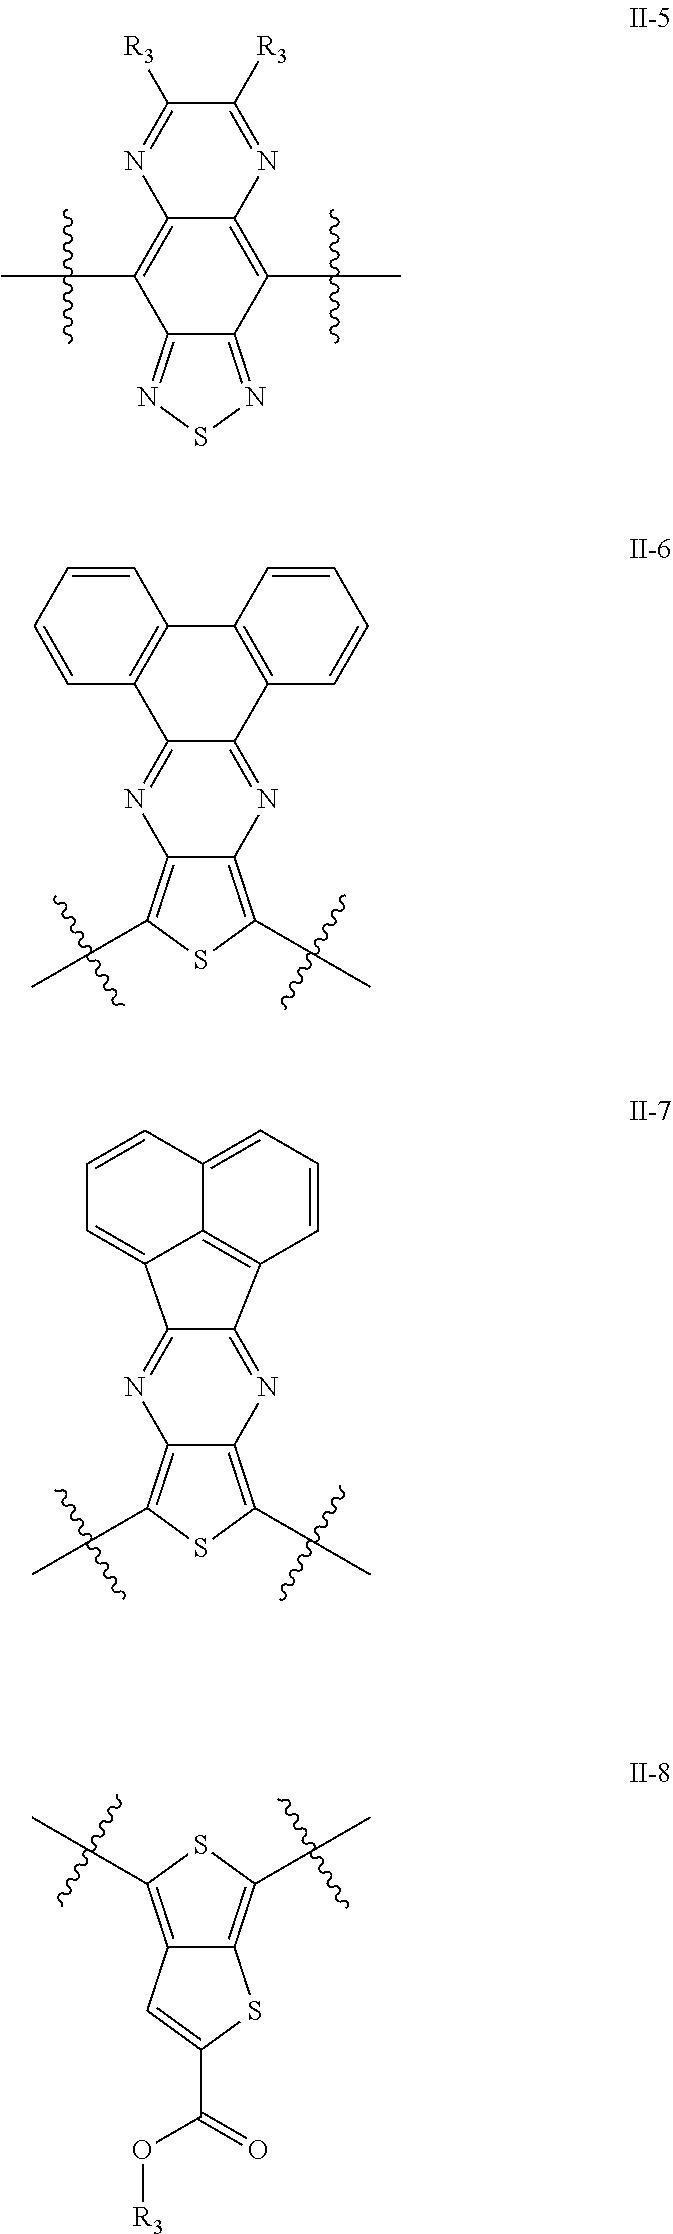 Figure US08304512-20121106-C00009